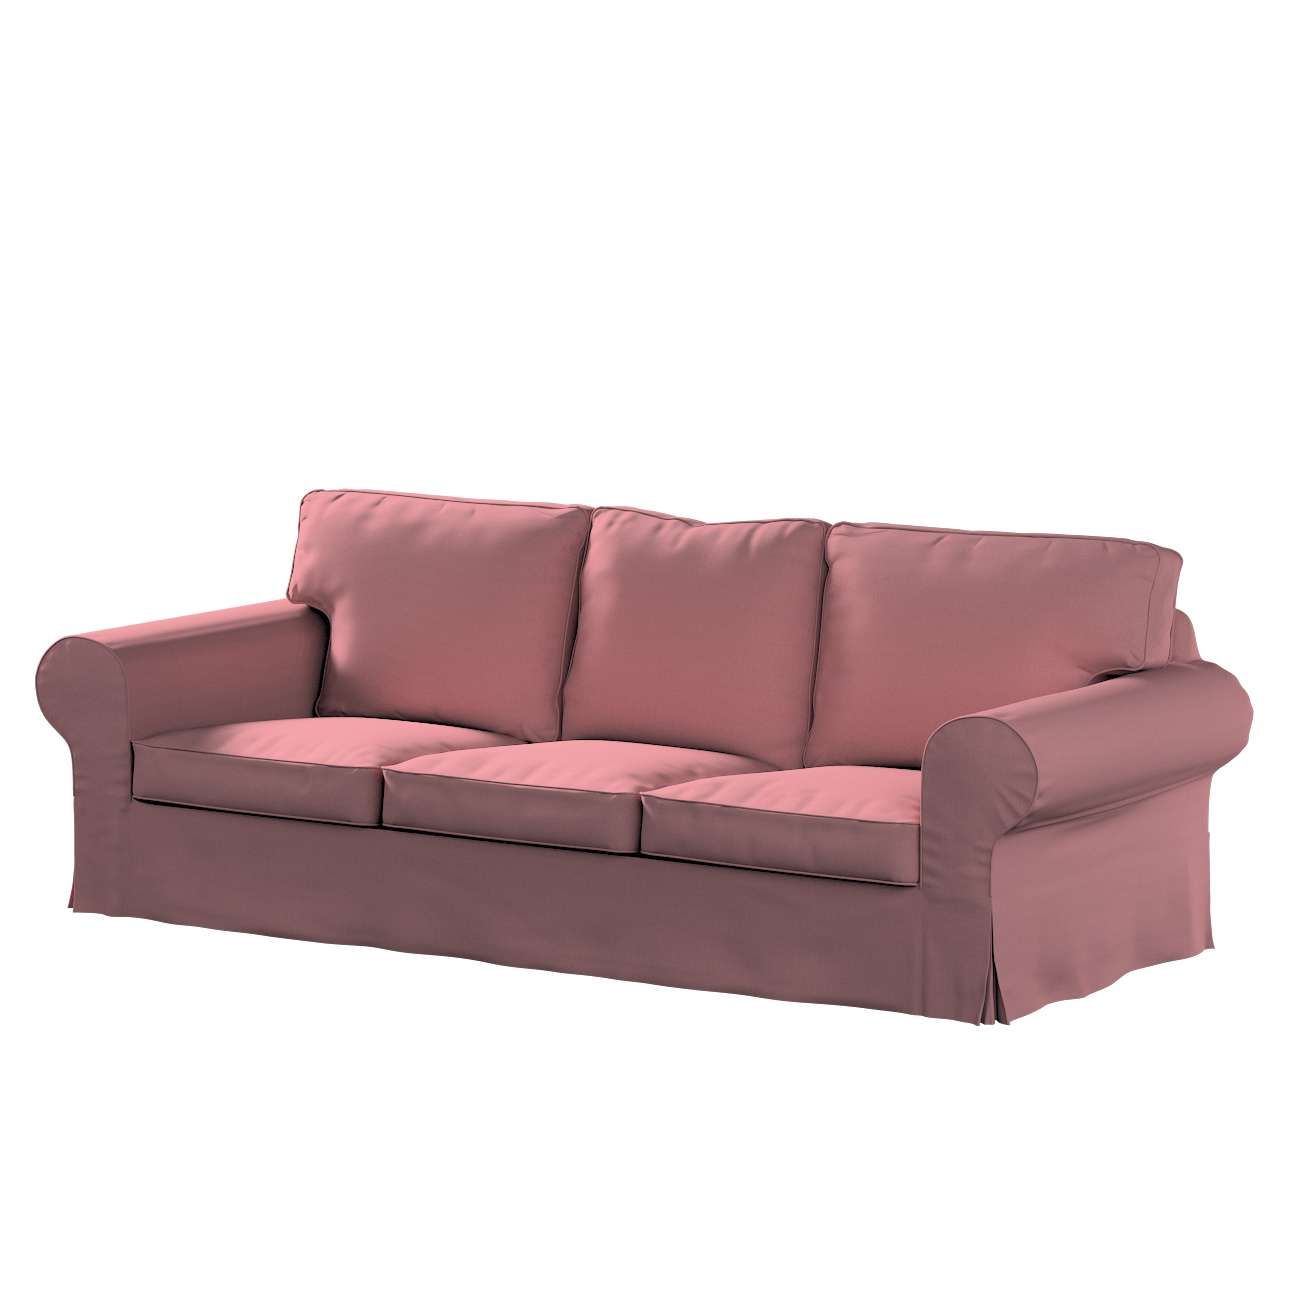 Pokrowiec na sofę Ektorp 3-osobową, rozkładaną, PIXBO w kolekcji Cotton Panama, tkanina: 702-43